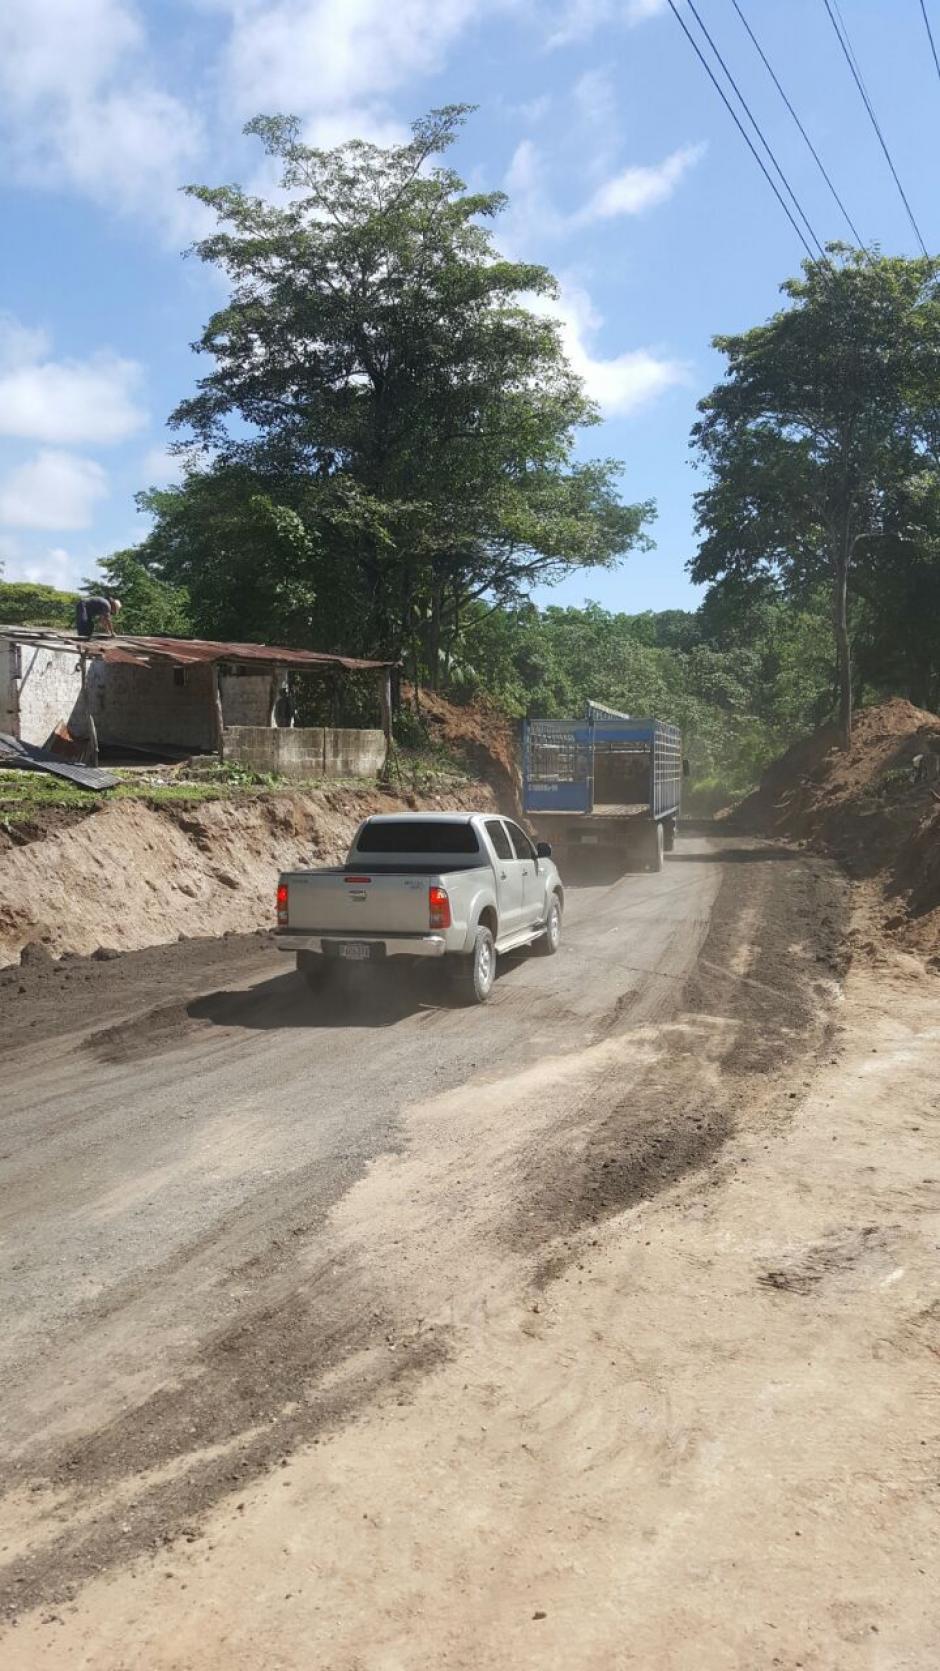 El badén permitirá el paso del tránsito por el sector, mientras se instala un puente Bailey. (Foto: Conred)